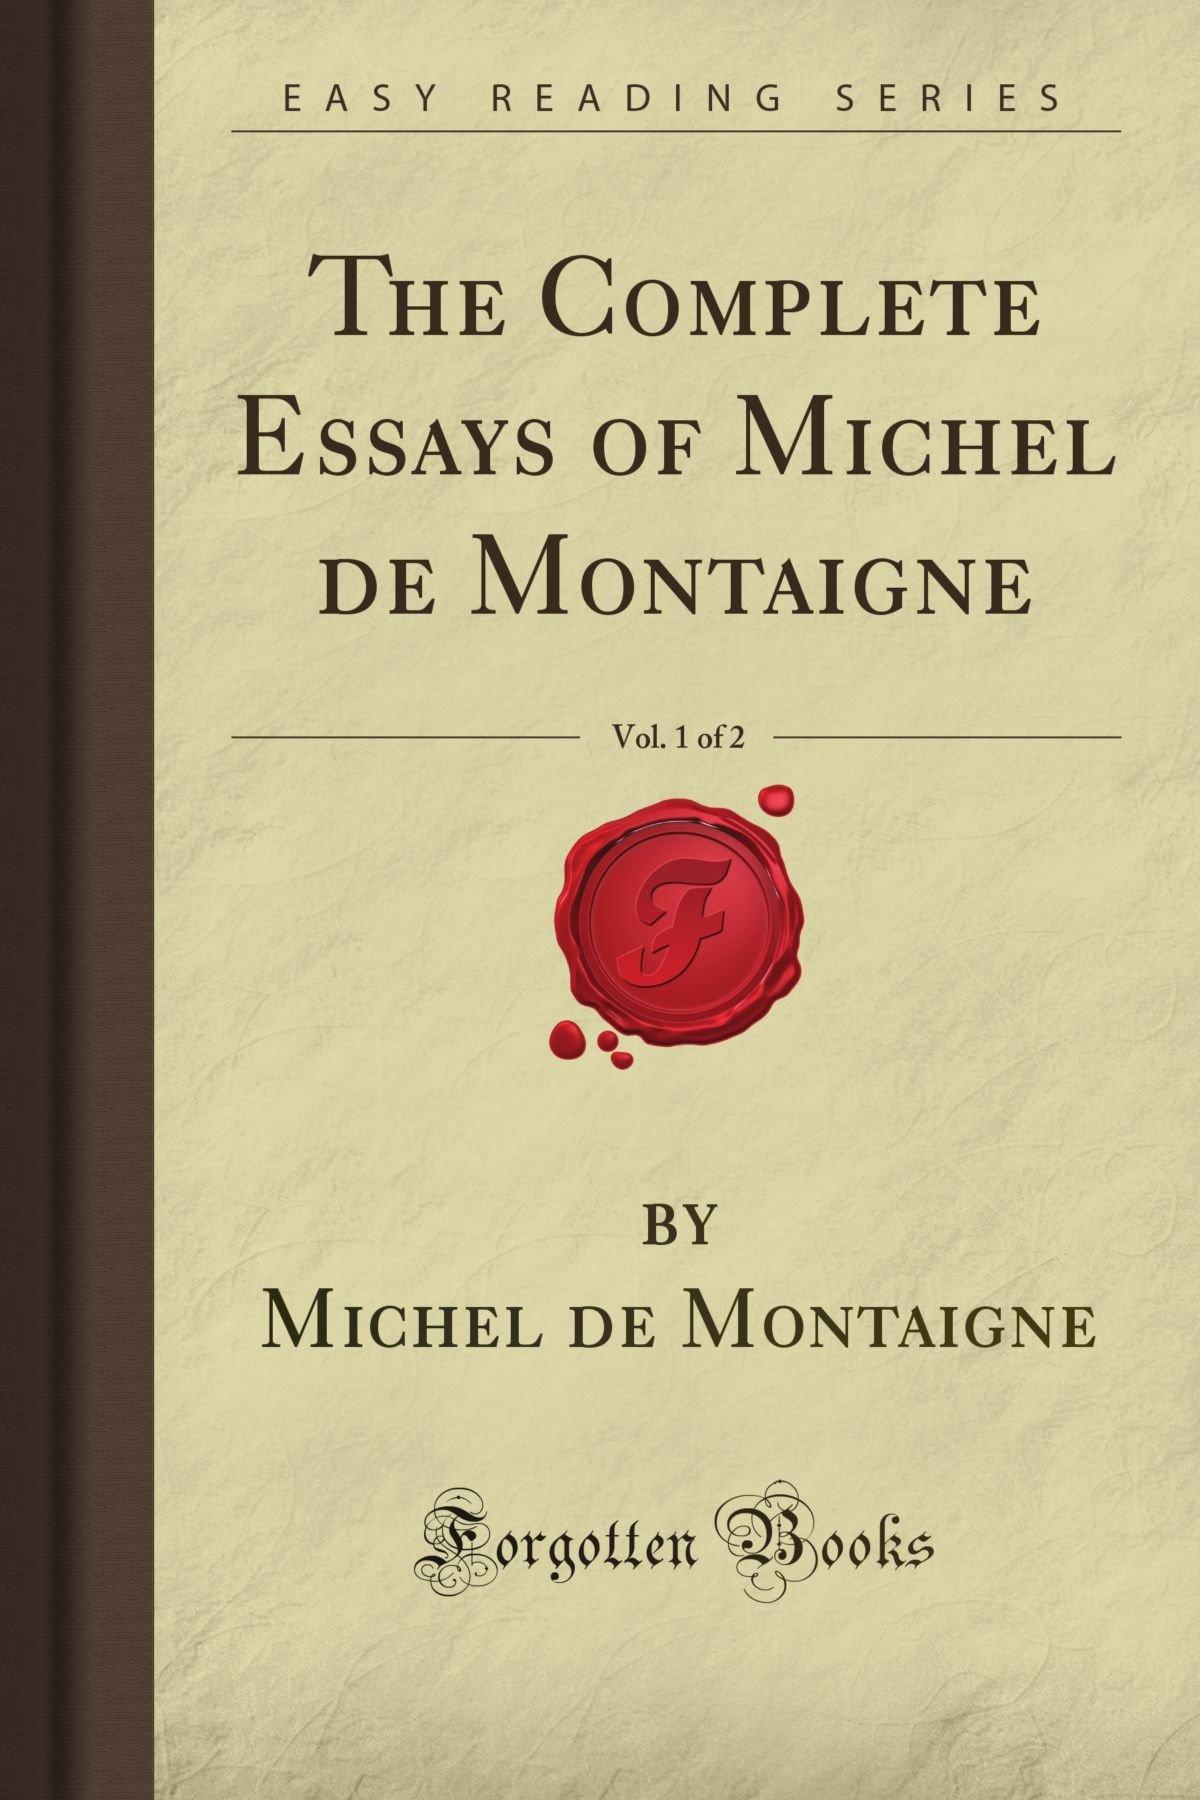 Download The Complete Essays of Michel de Montaigne, Vol. 1 of 2 (Forgotten Books) pdf